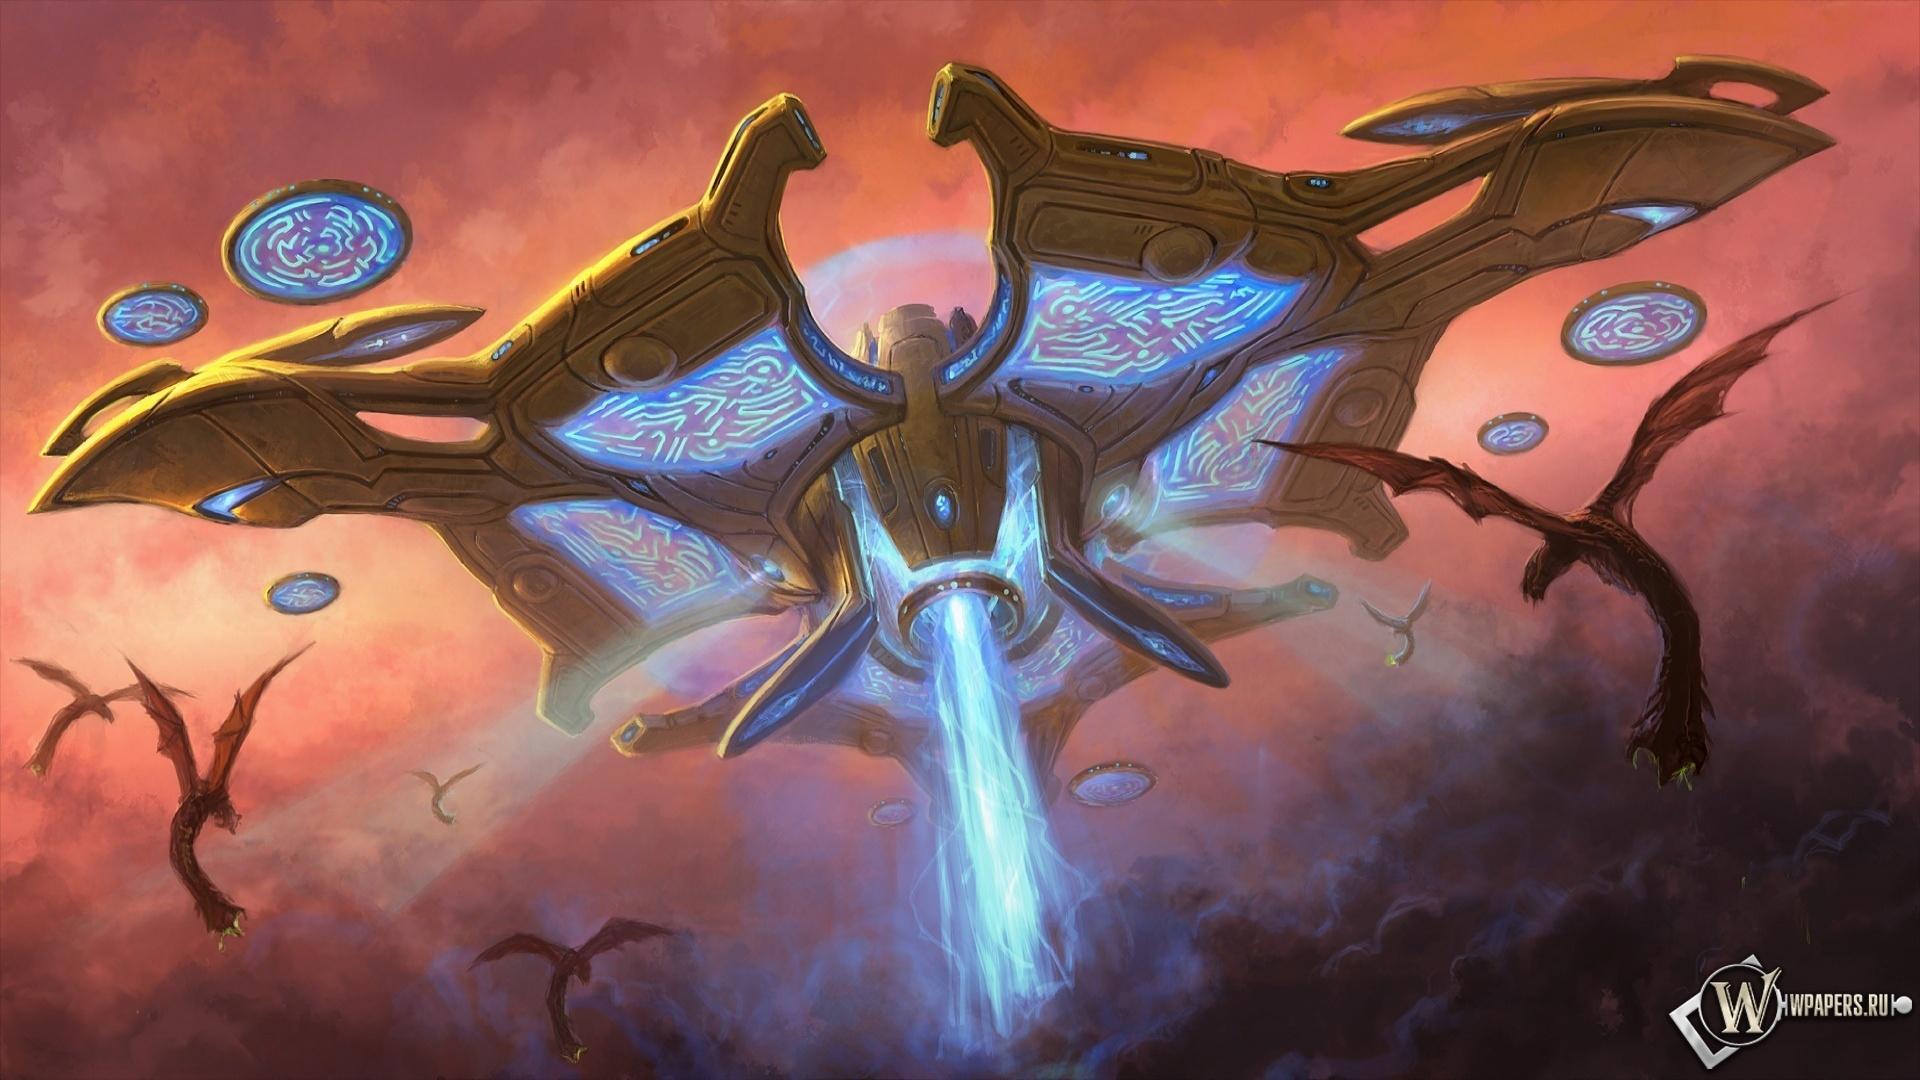 Смотреть порно картинки в игре starcraft ii 7 фотография